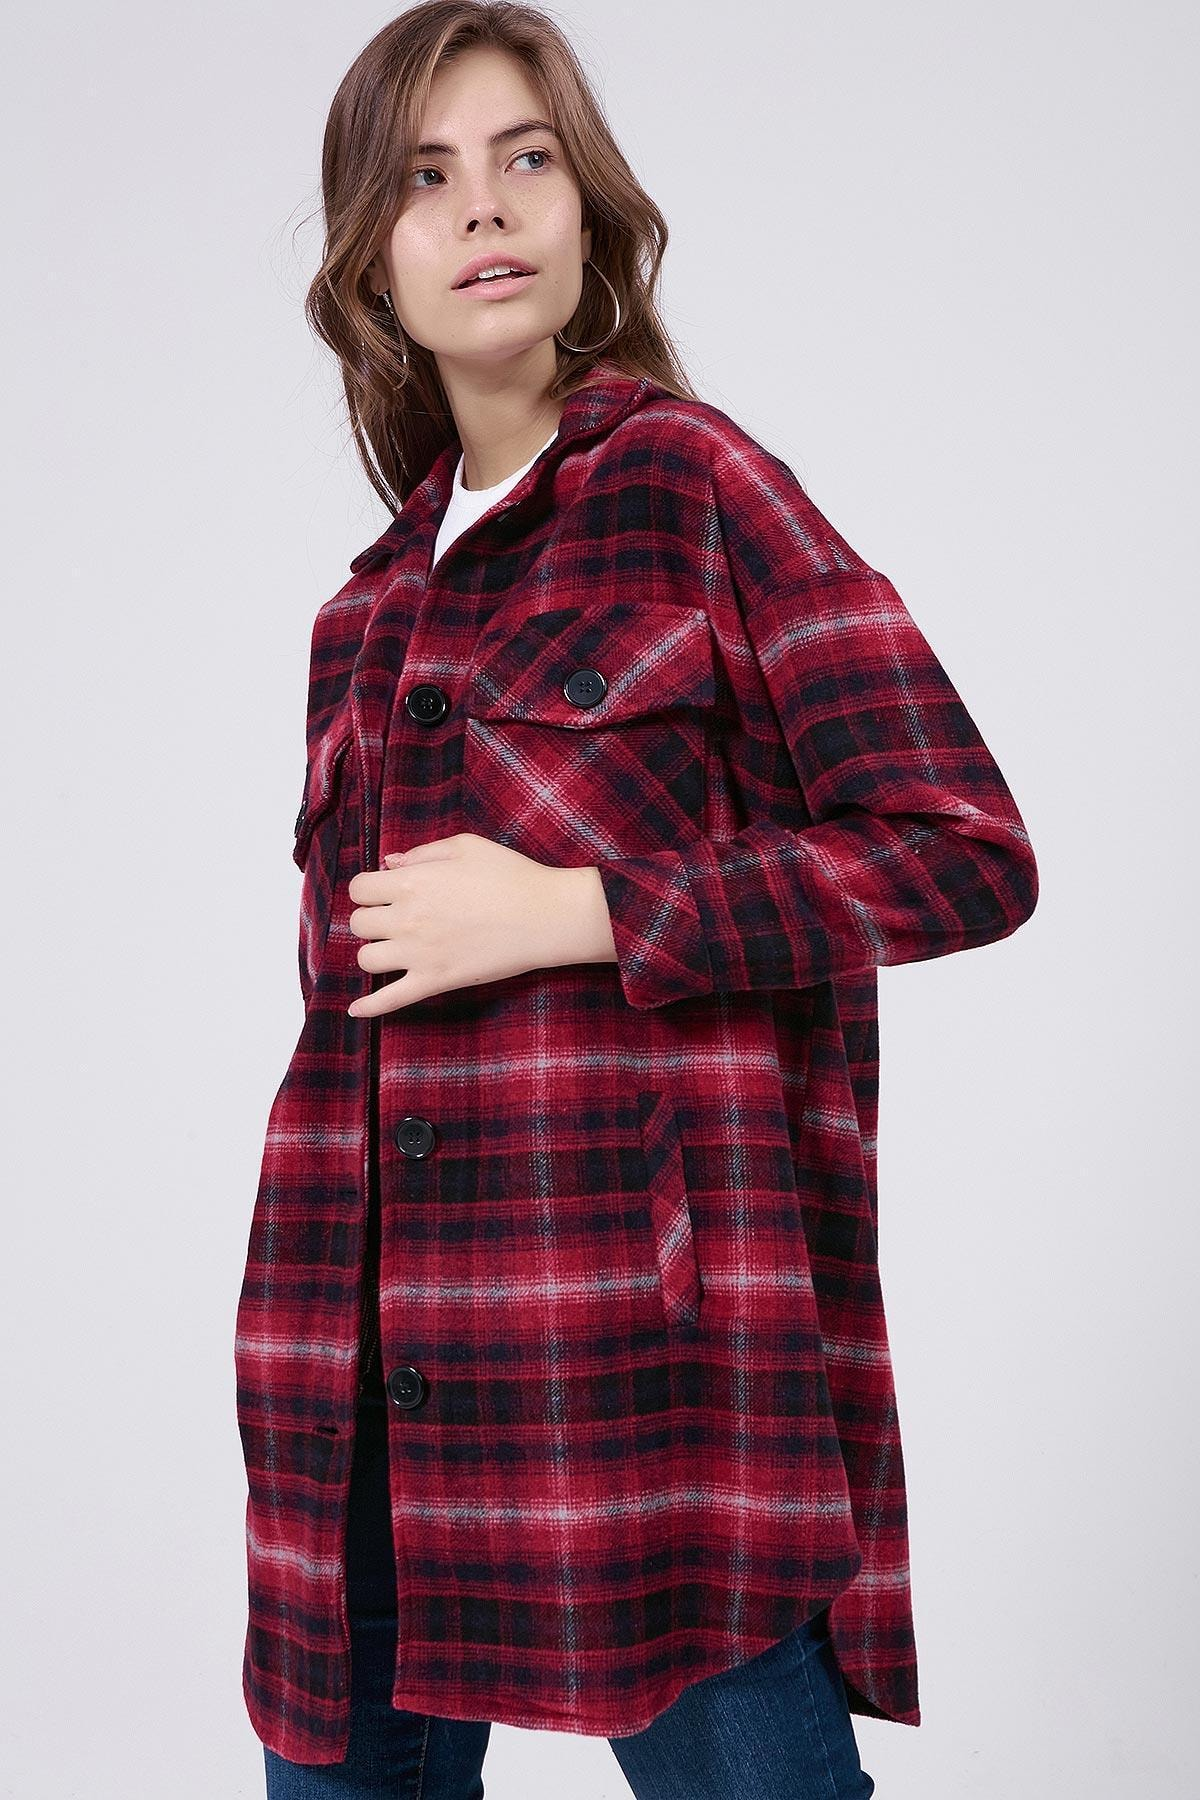 Y-London Kadın Kırmızı Ekoseli Uzun Oduncu Gömlek Ceket Y20W176-11228-1 1